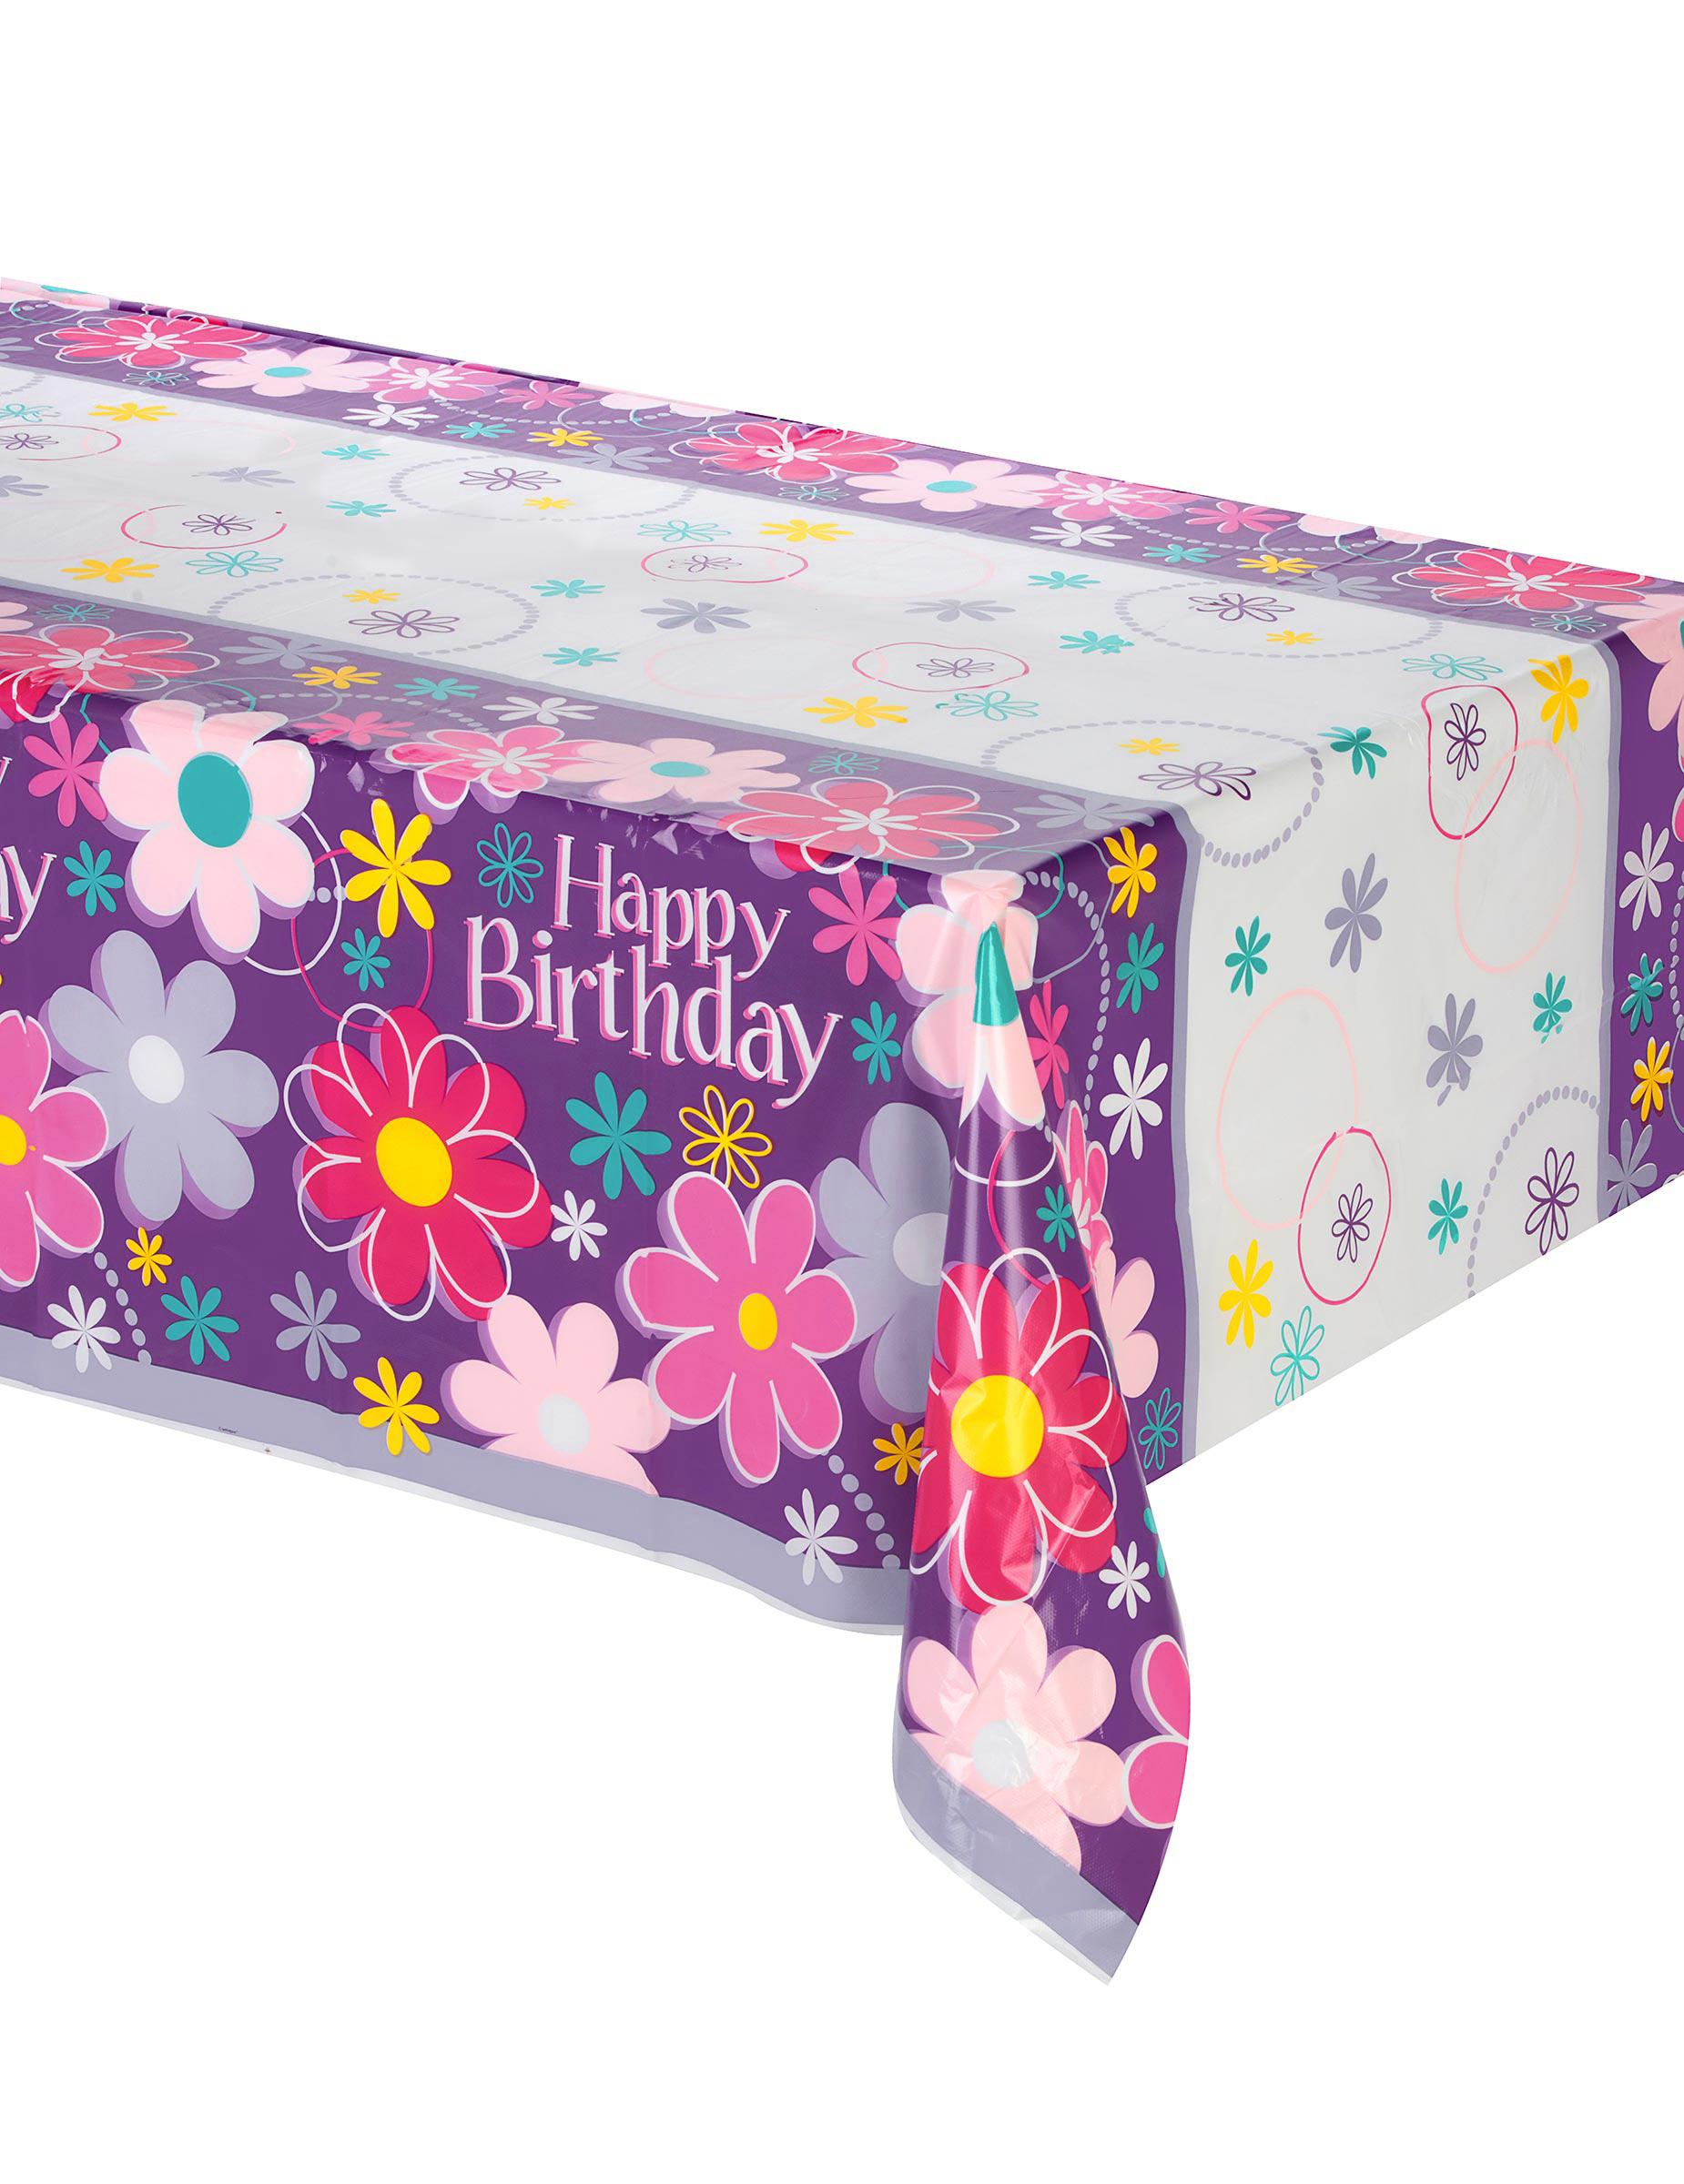 nappe en plastique happy birthday 137 x 274 cm d coration anniversaire et f tes th me sur. Black Bedroom Furniture Sets. Home Design Ideas